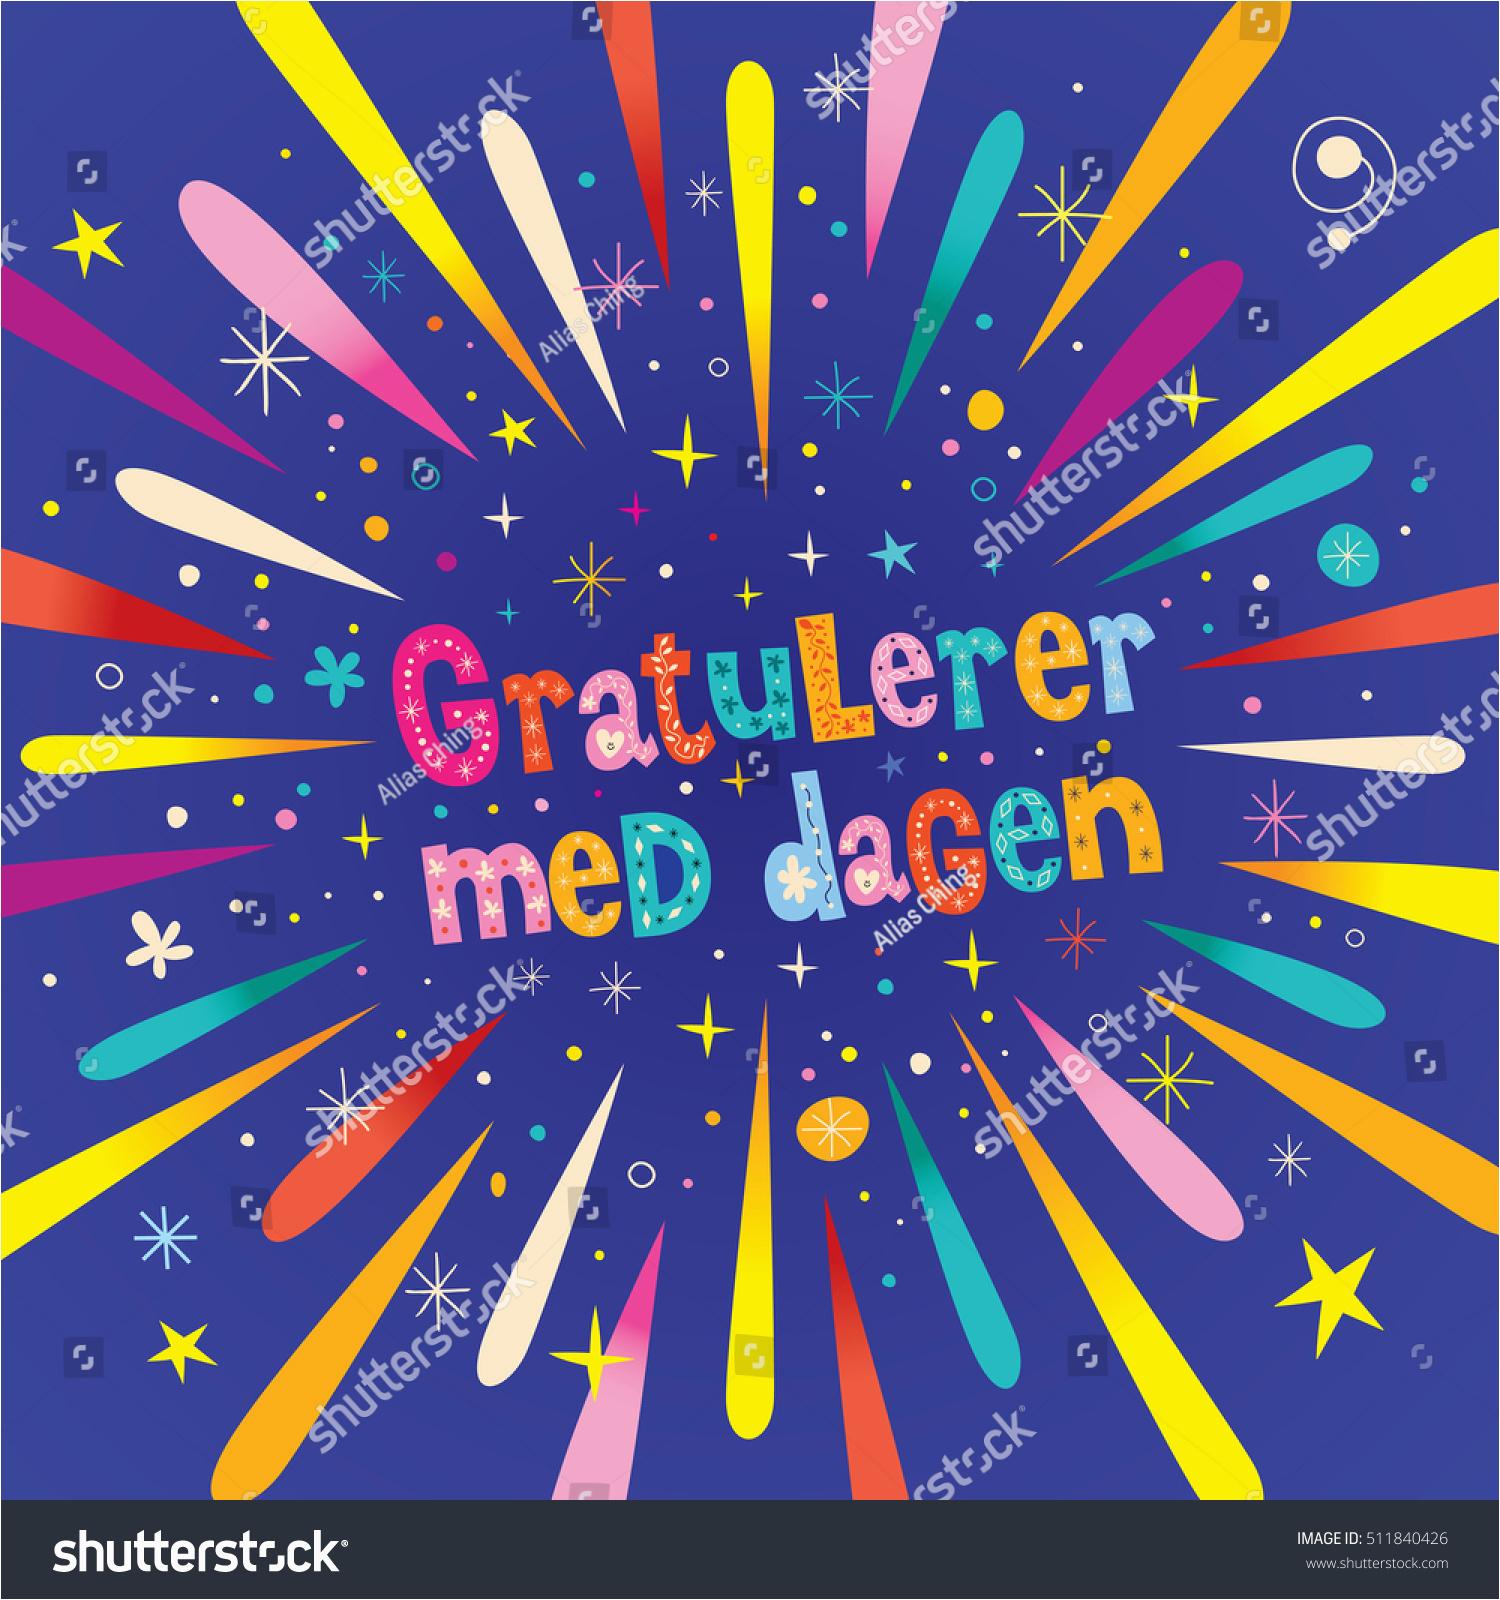 gratulerer med dagen happy birthday norwegian 511840426 src kdrg e67krzp9pfo5shrog 1 12